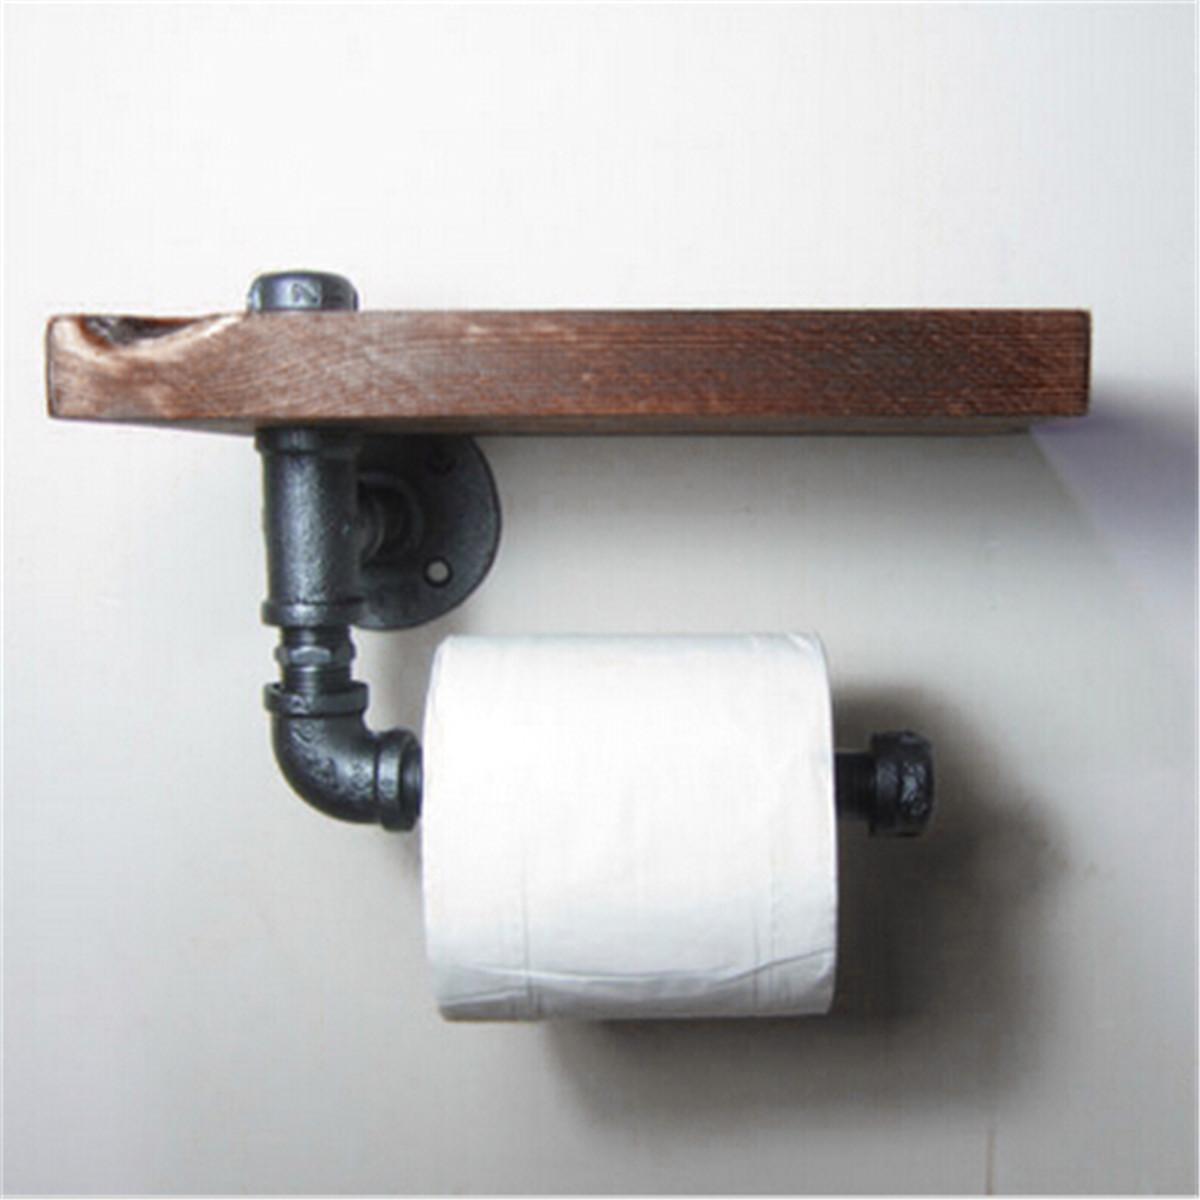 Support Porte Papier Toilette Rouleau Salle De Bain Mural Distributeur Uk Achat Vente